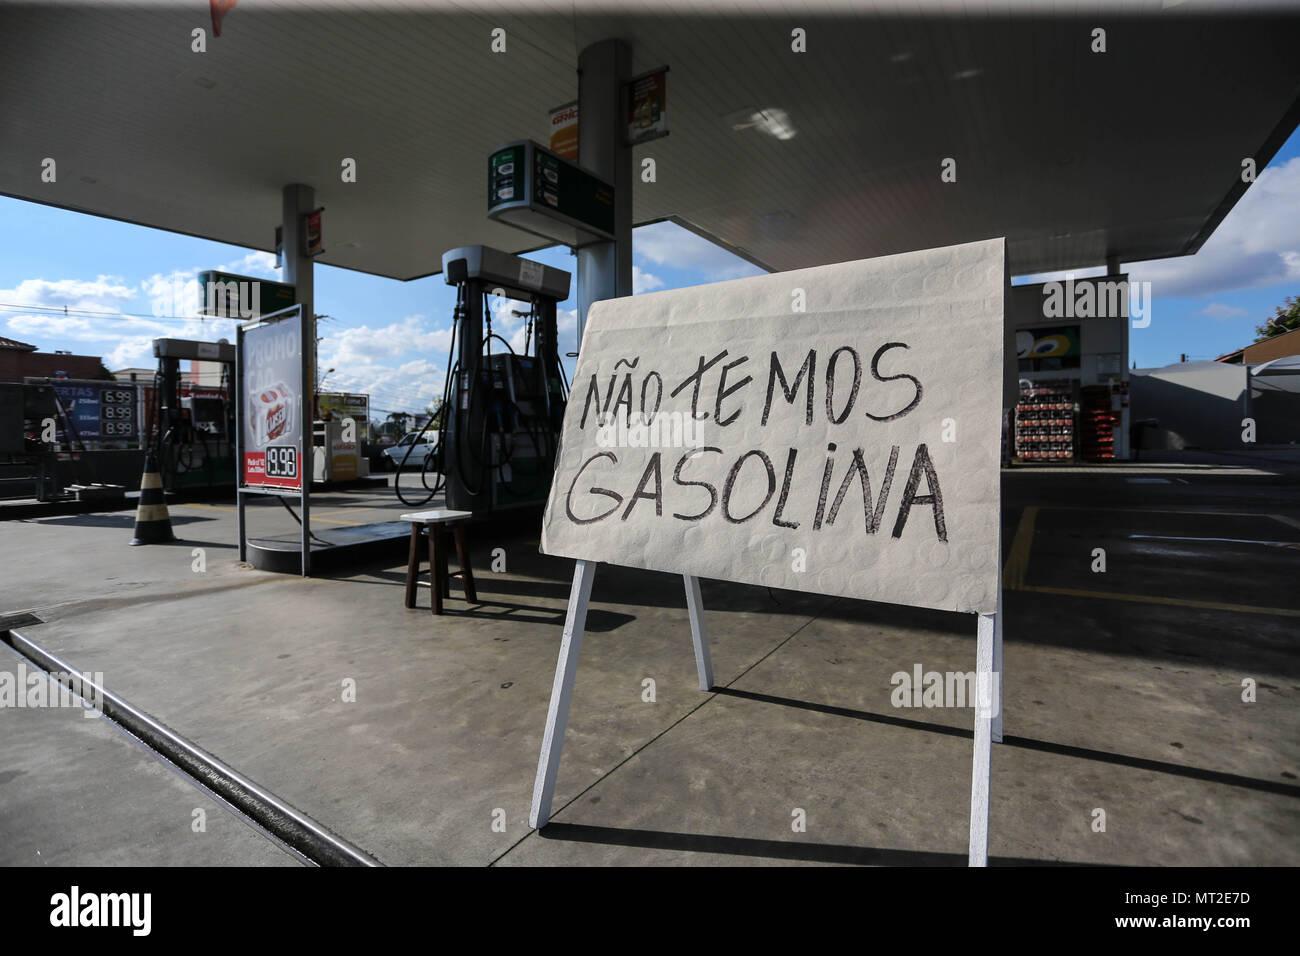 27 mai 2018 - Curitiba, ParanÃ, Brasil - Station de carburant à Curitiba (Paraná - Brésil), le dimanche après-midi, 25. Aujourd'hui effectué sept jours de manifestations par les chauffeurs de camions au Brésil. Dans les stations qui ont reçu la charge ont été enregistrés les files d'attente qui atteint deux kilomètres de longueur, avec de l'attente jusqu'à cinq heures et sans certitude de réservoir plein. Photo: Geraldo Bubniak: Crédit photo: Geraldo Bubniak/ZUMA/Alamy Fil Live News Photo Stock